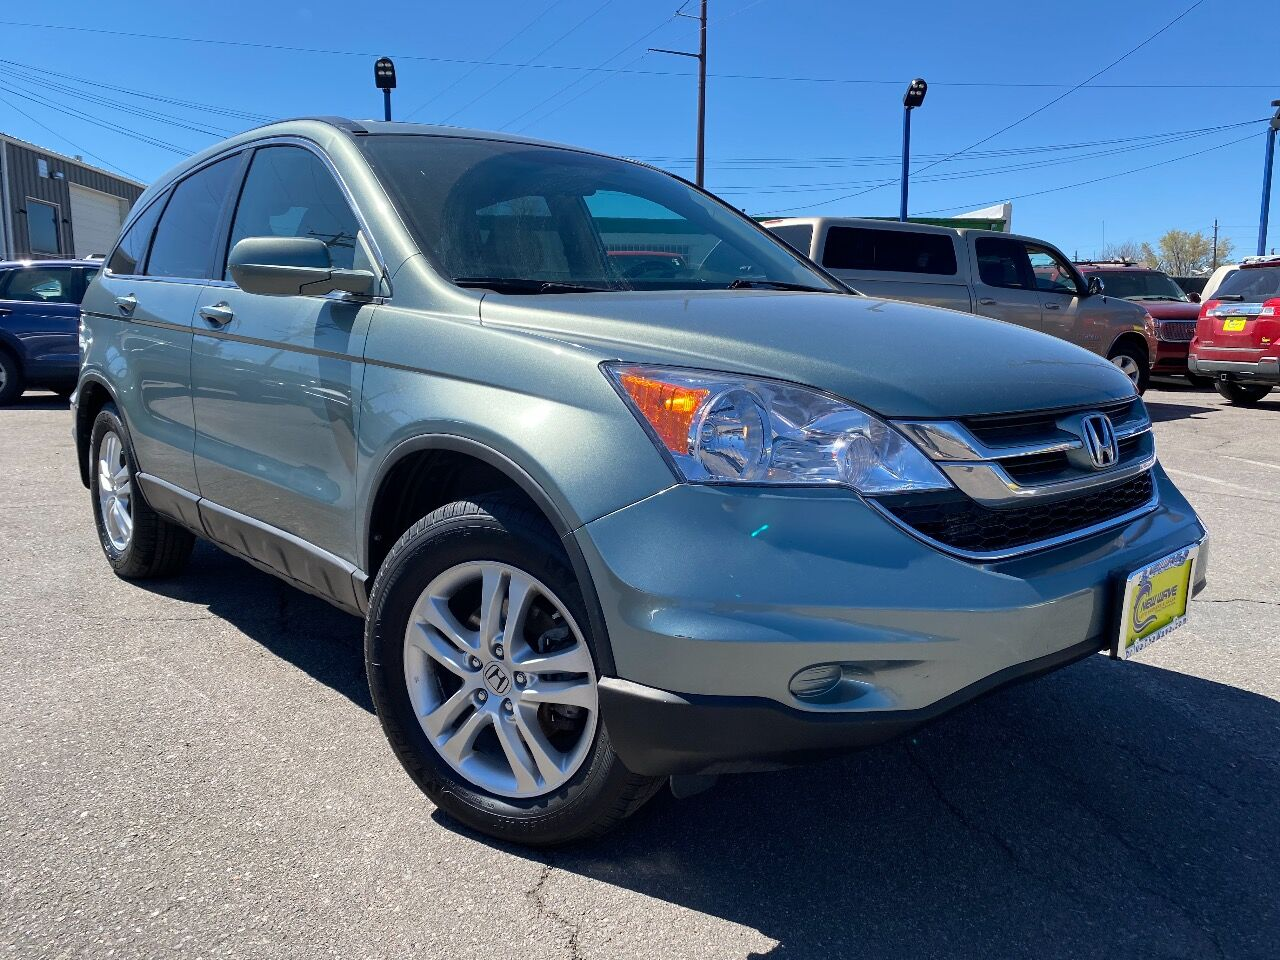 used 2010 Honda CR-V car, priced at $10,688